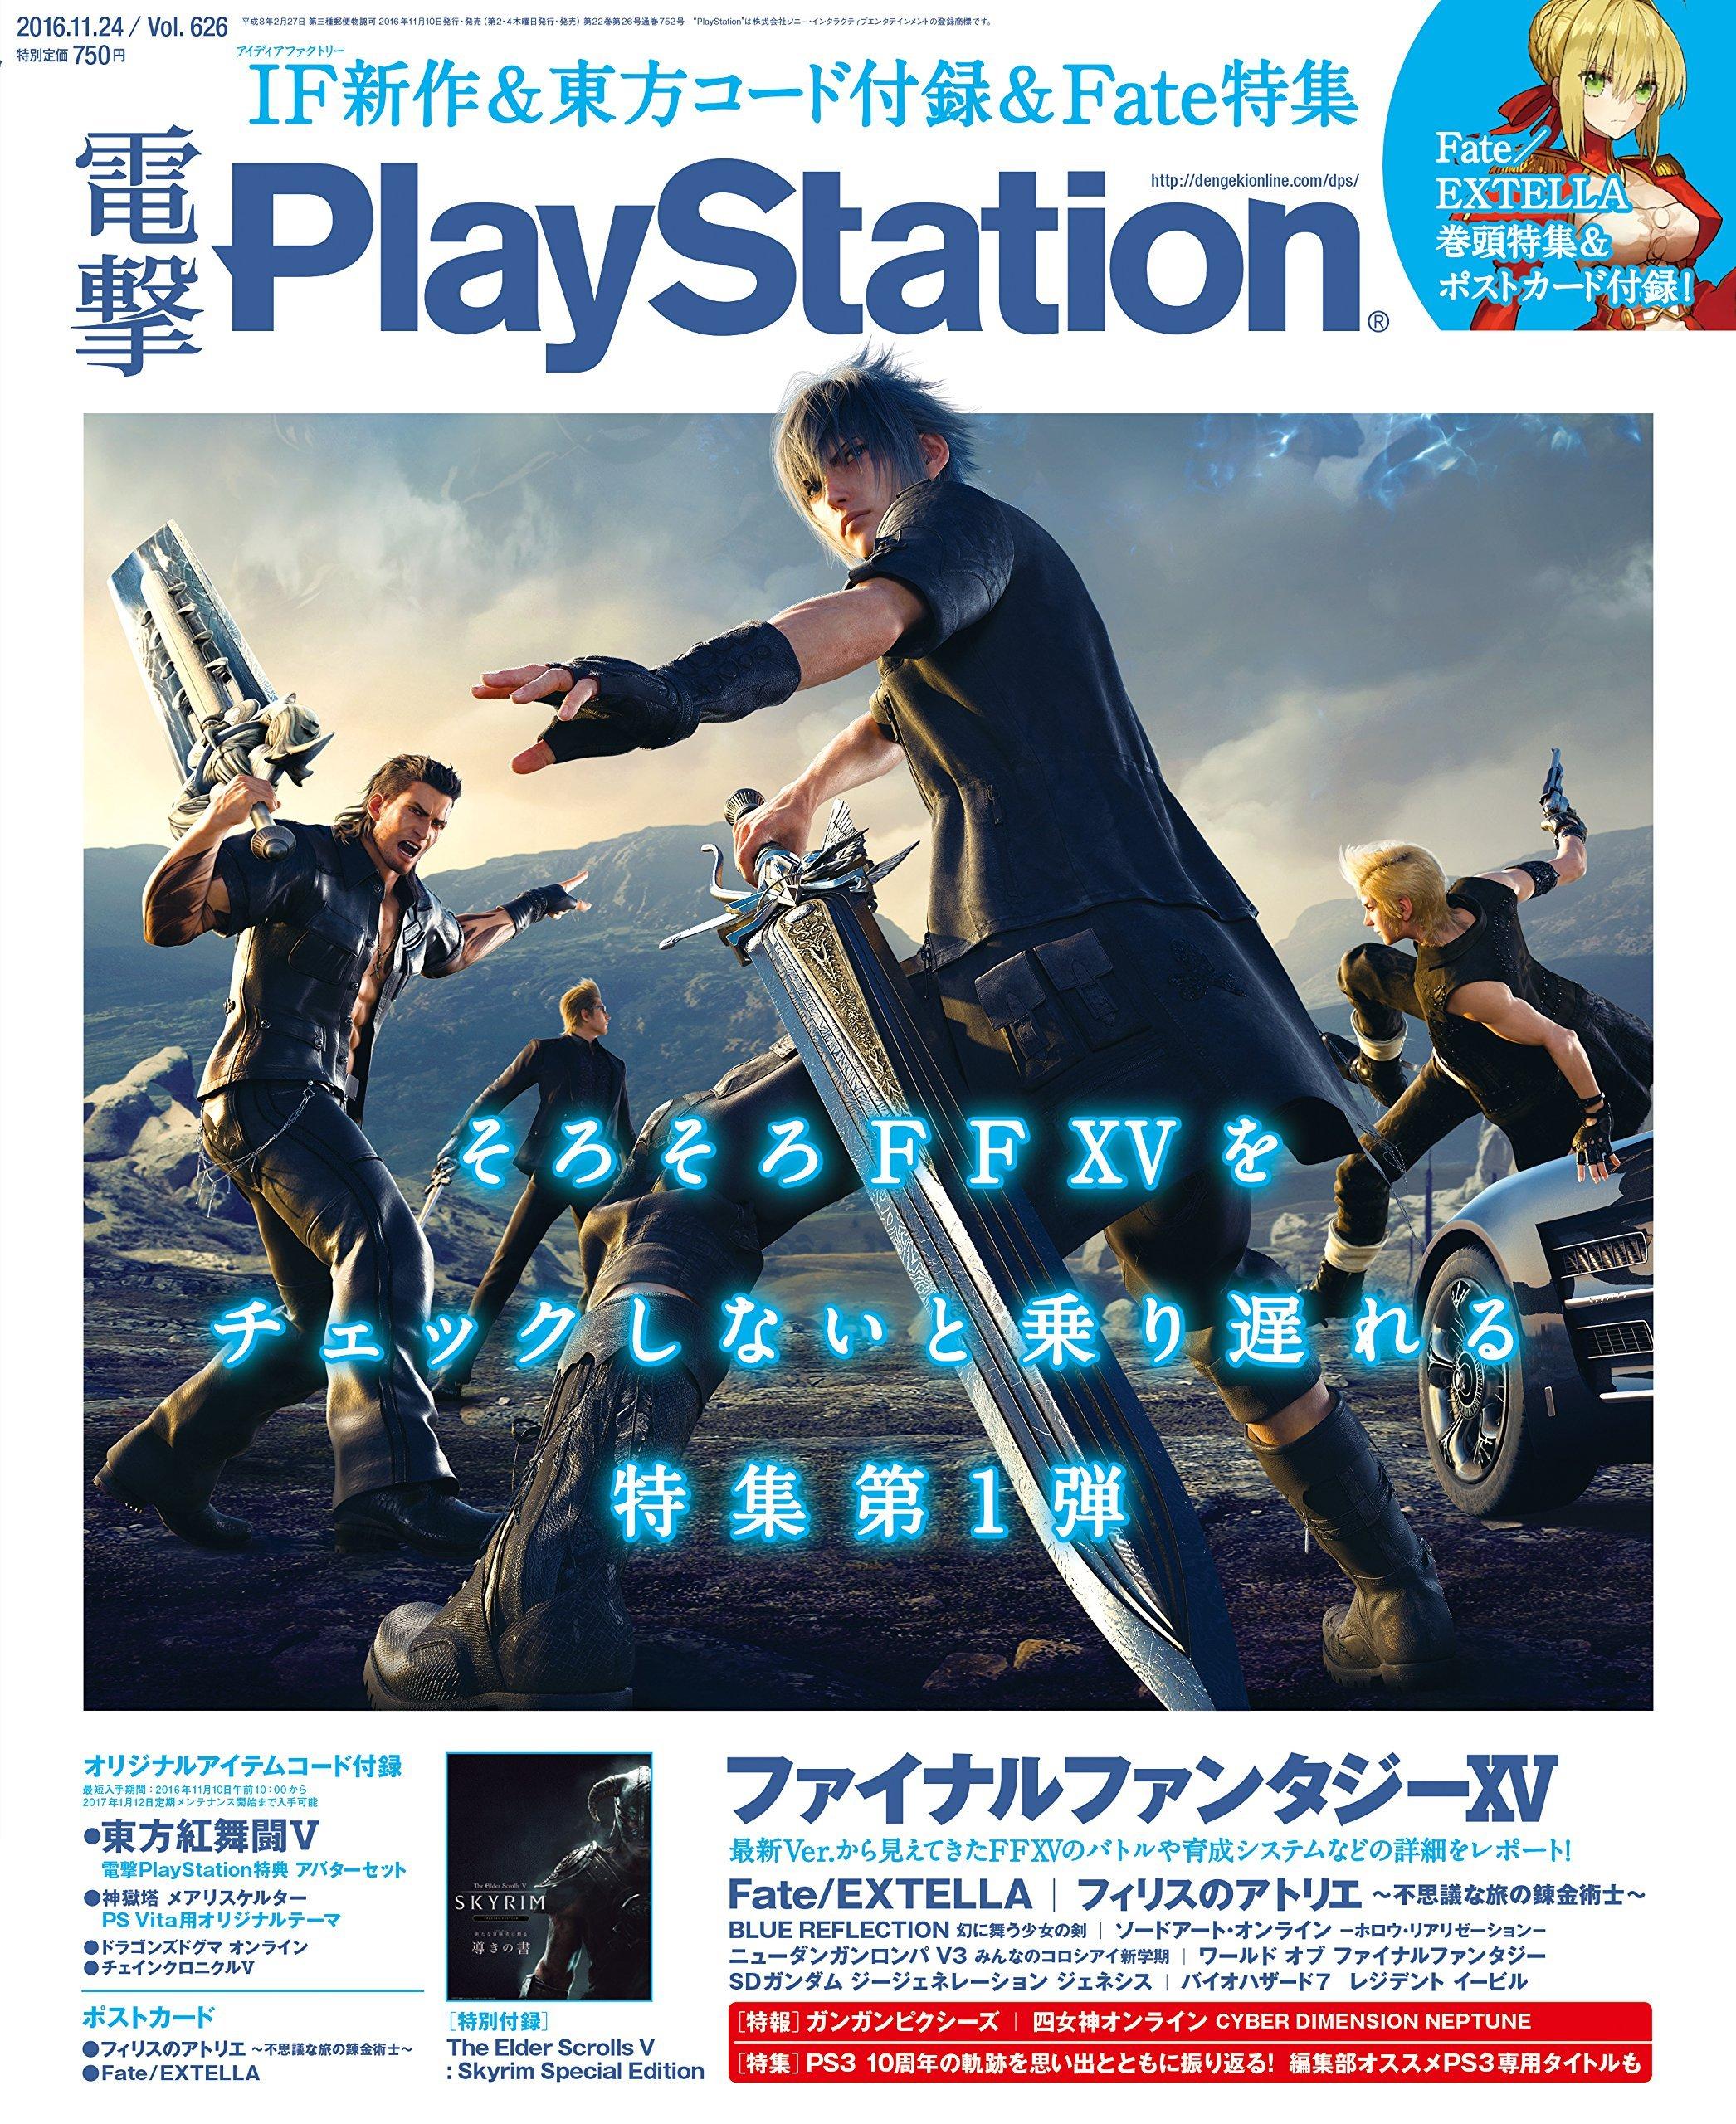 Dengeki PlayStation 626 (November 24, 2016)